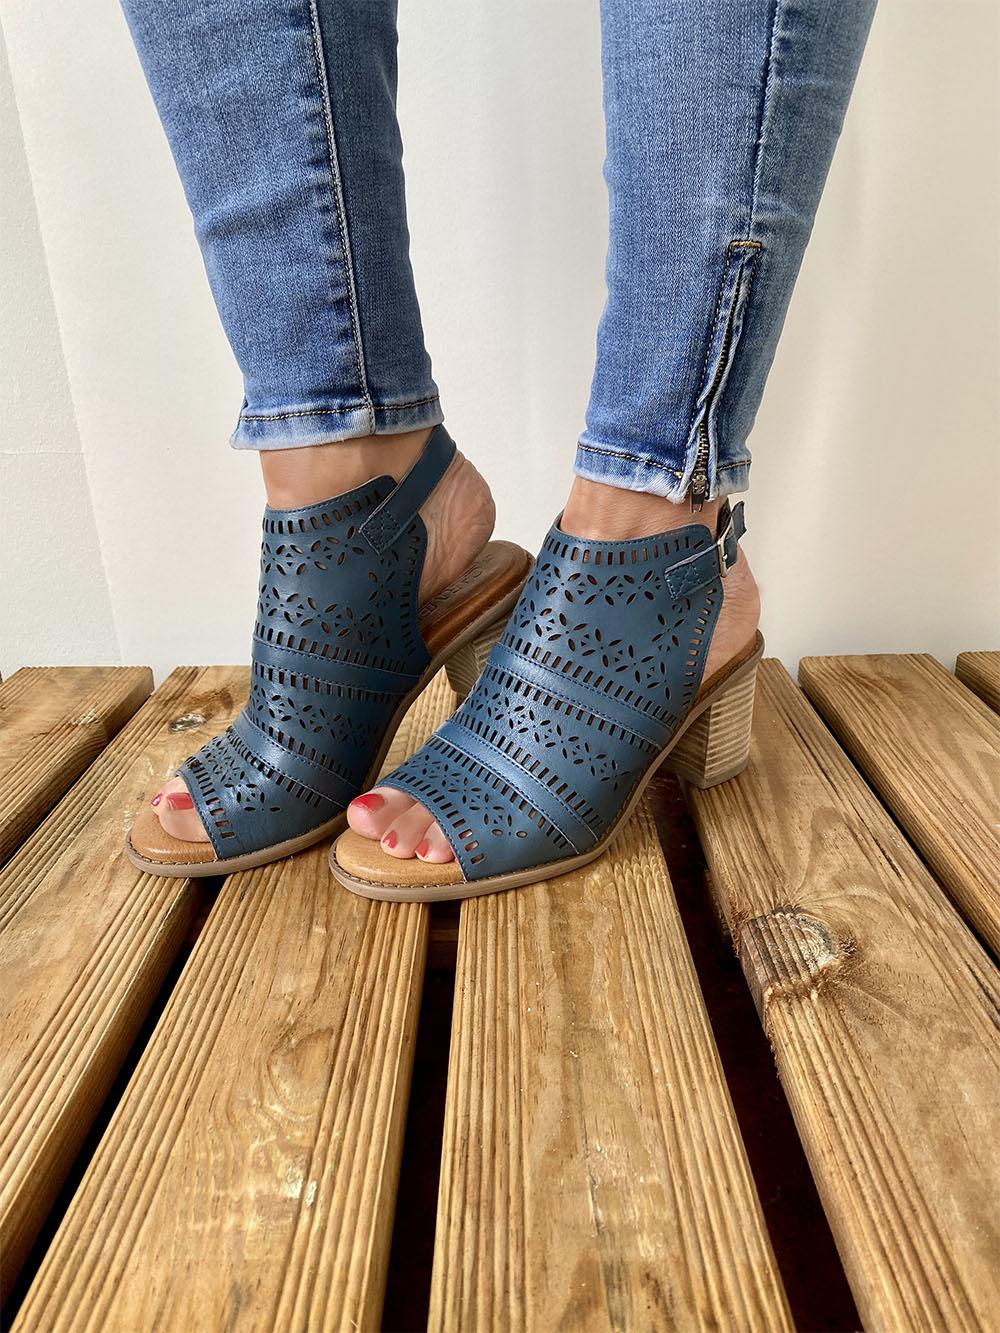 Foot image Main